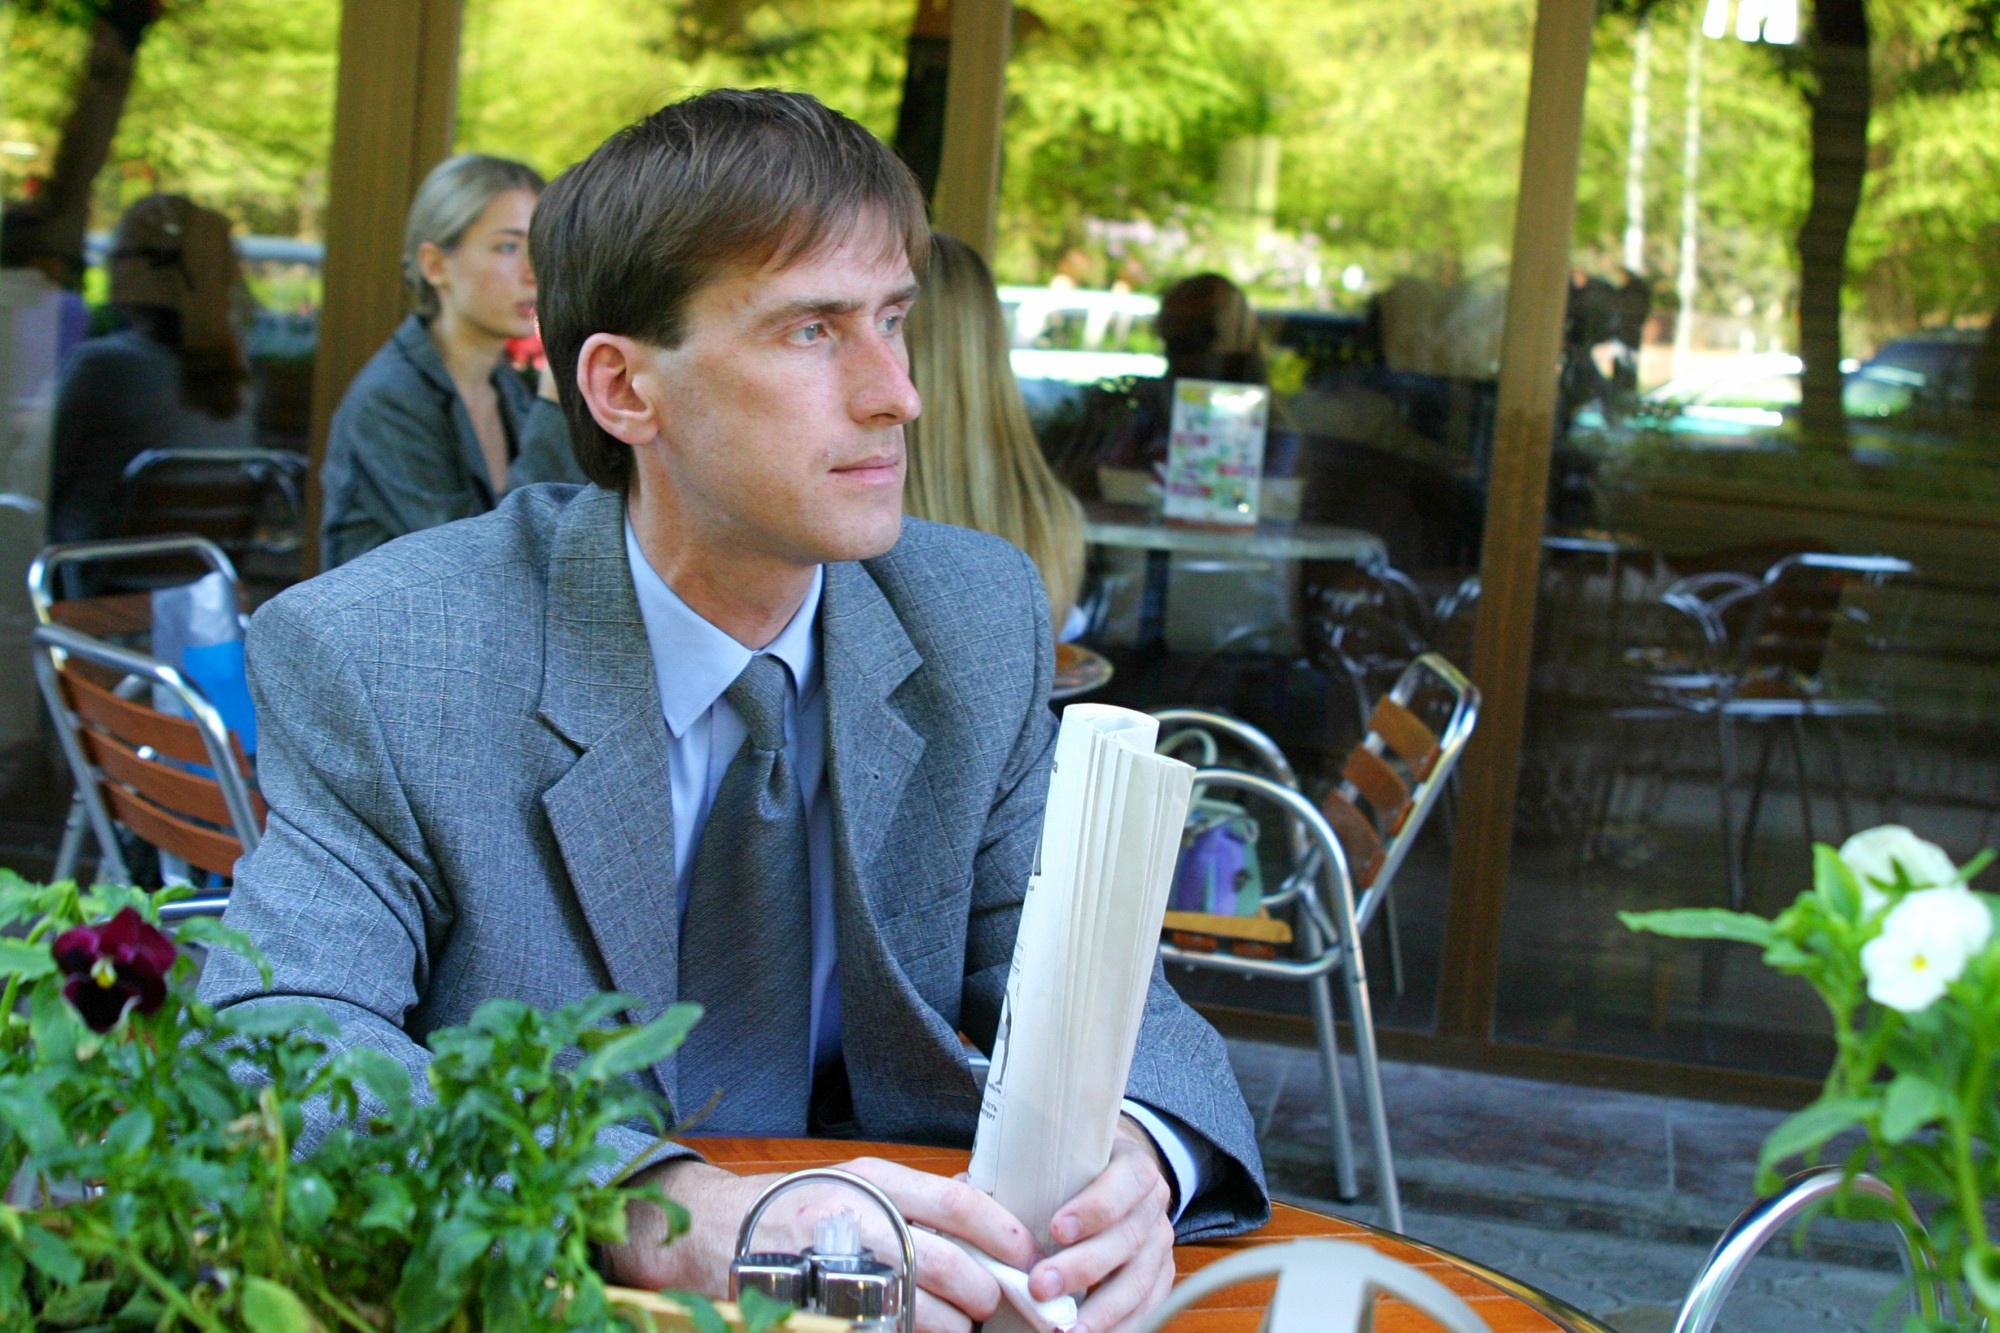 Волгоград. Кафе Гранд. Май 2005. Фото А.Виноградов.